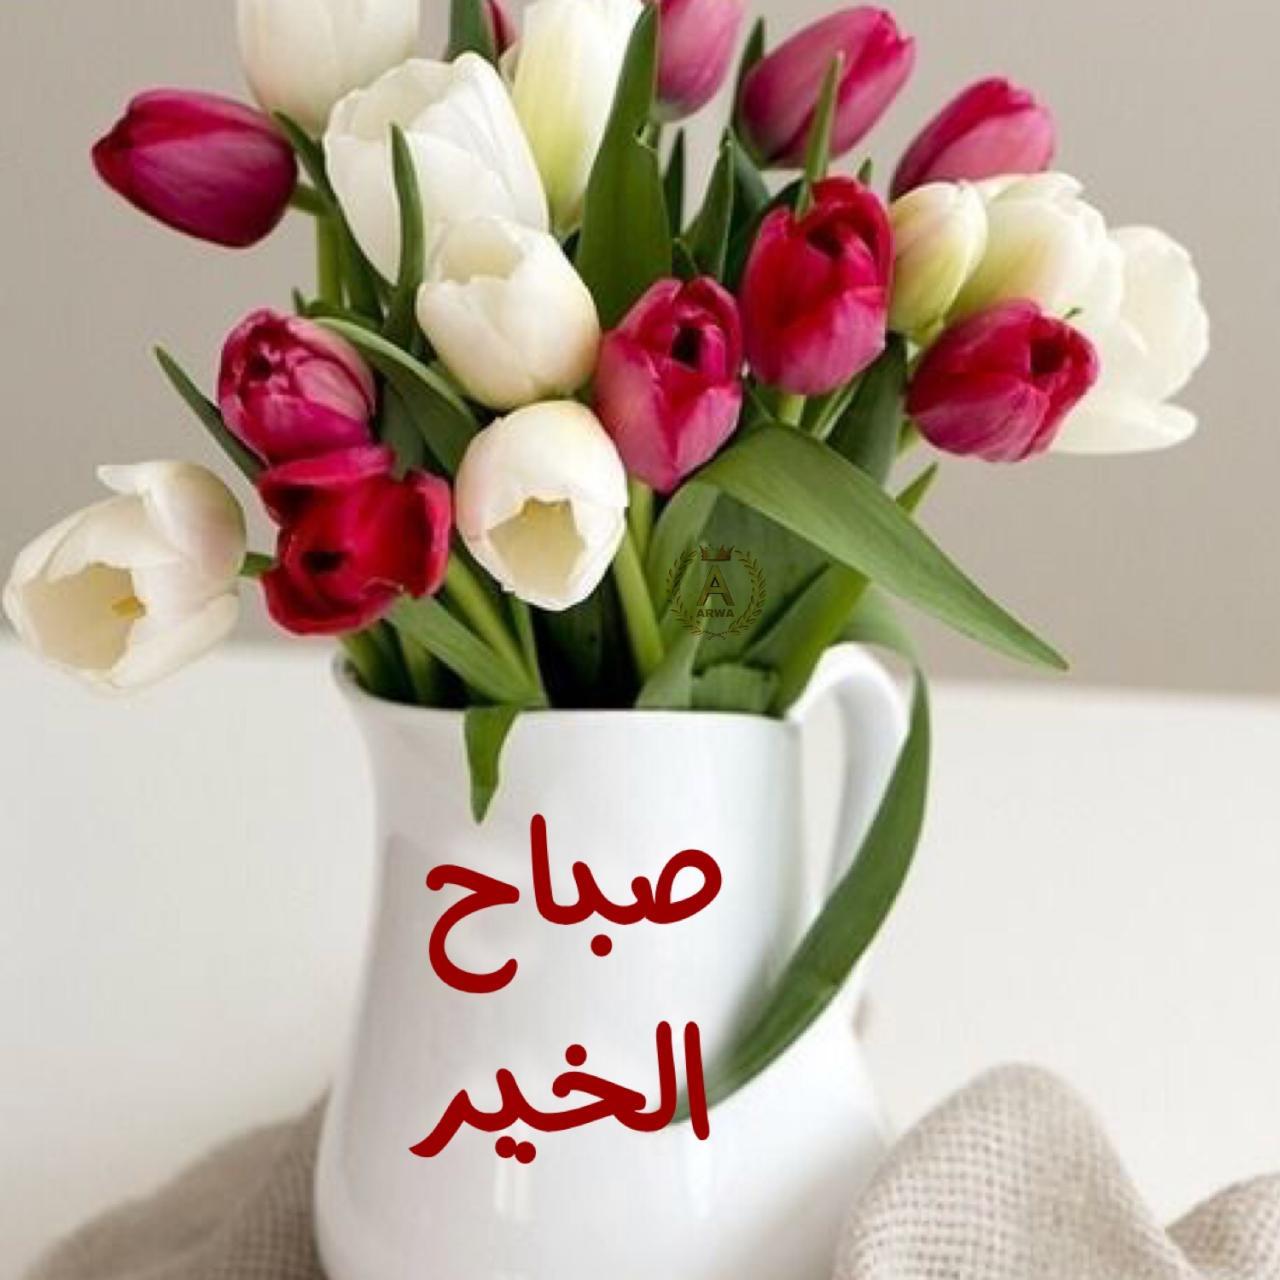 صورة احلى صور صباح الخير , اروع صور لكلمة صباح الخير